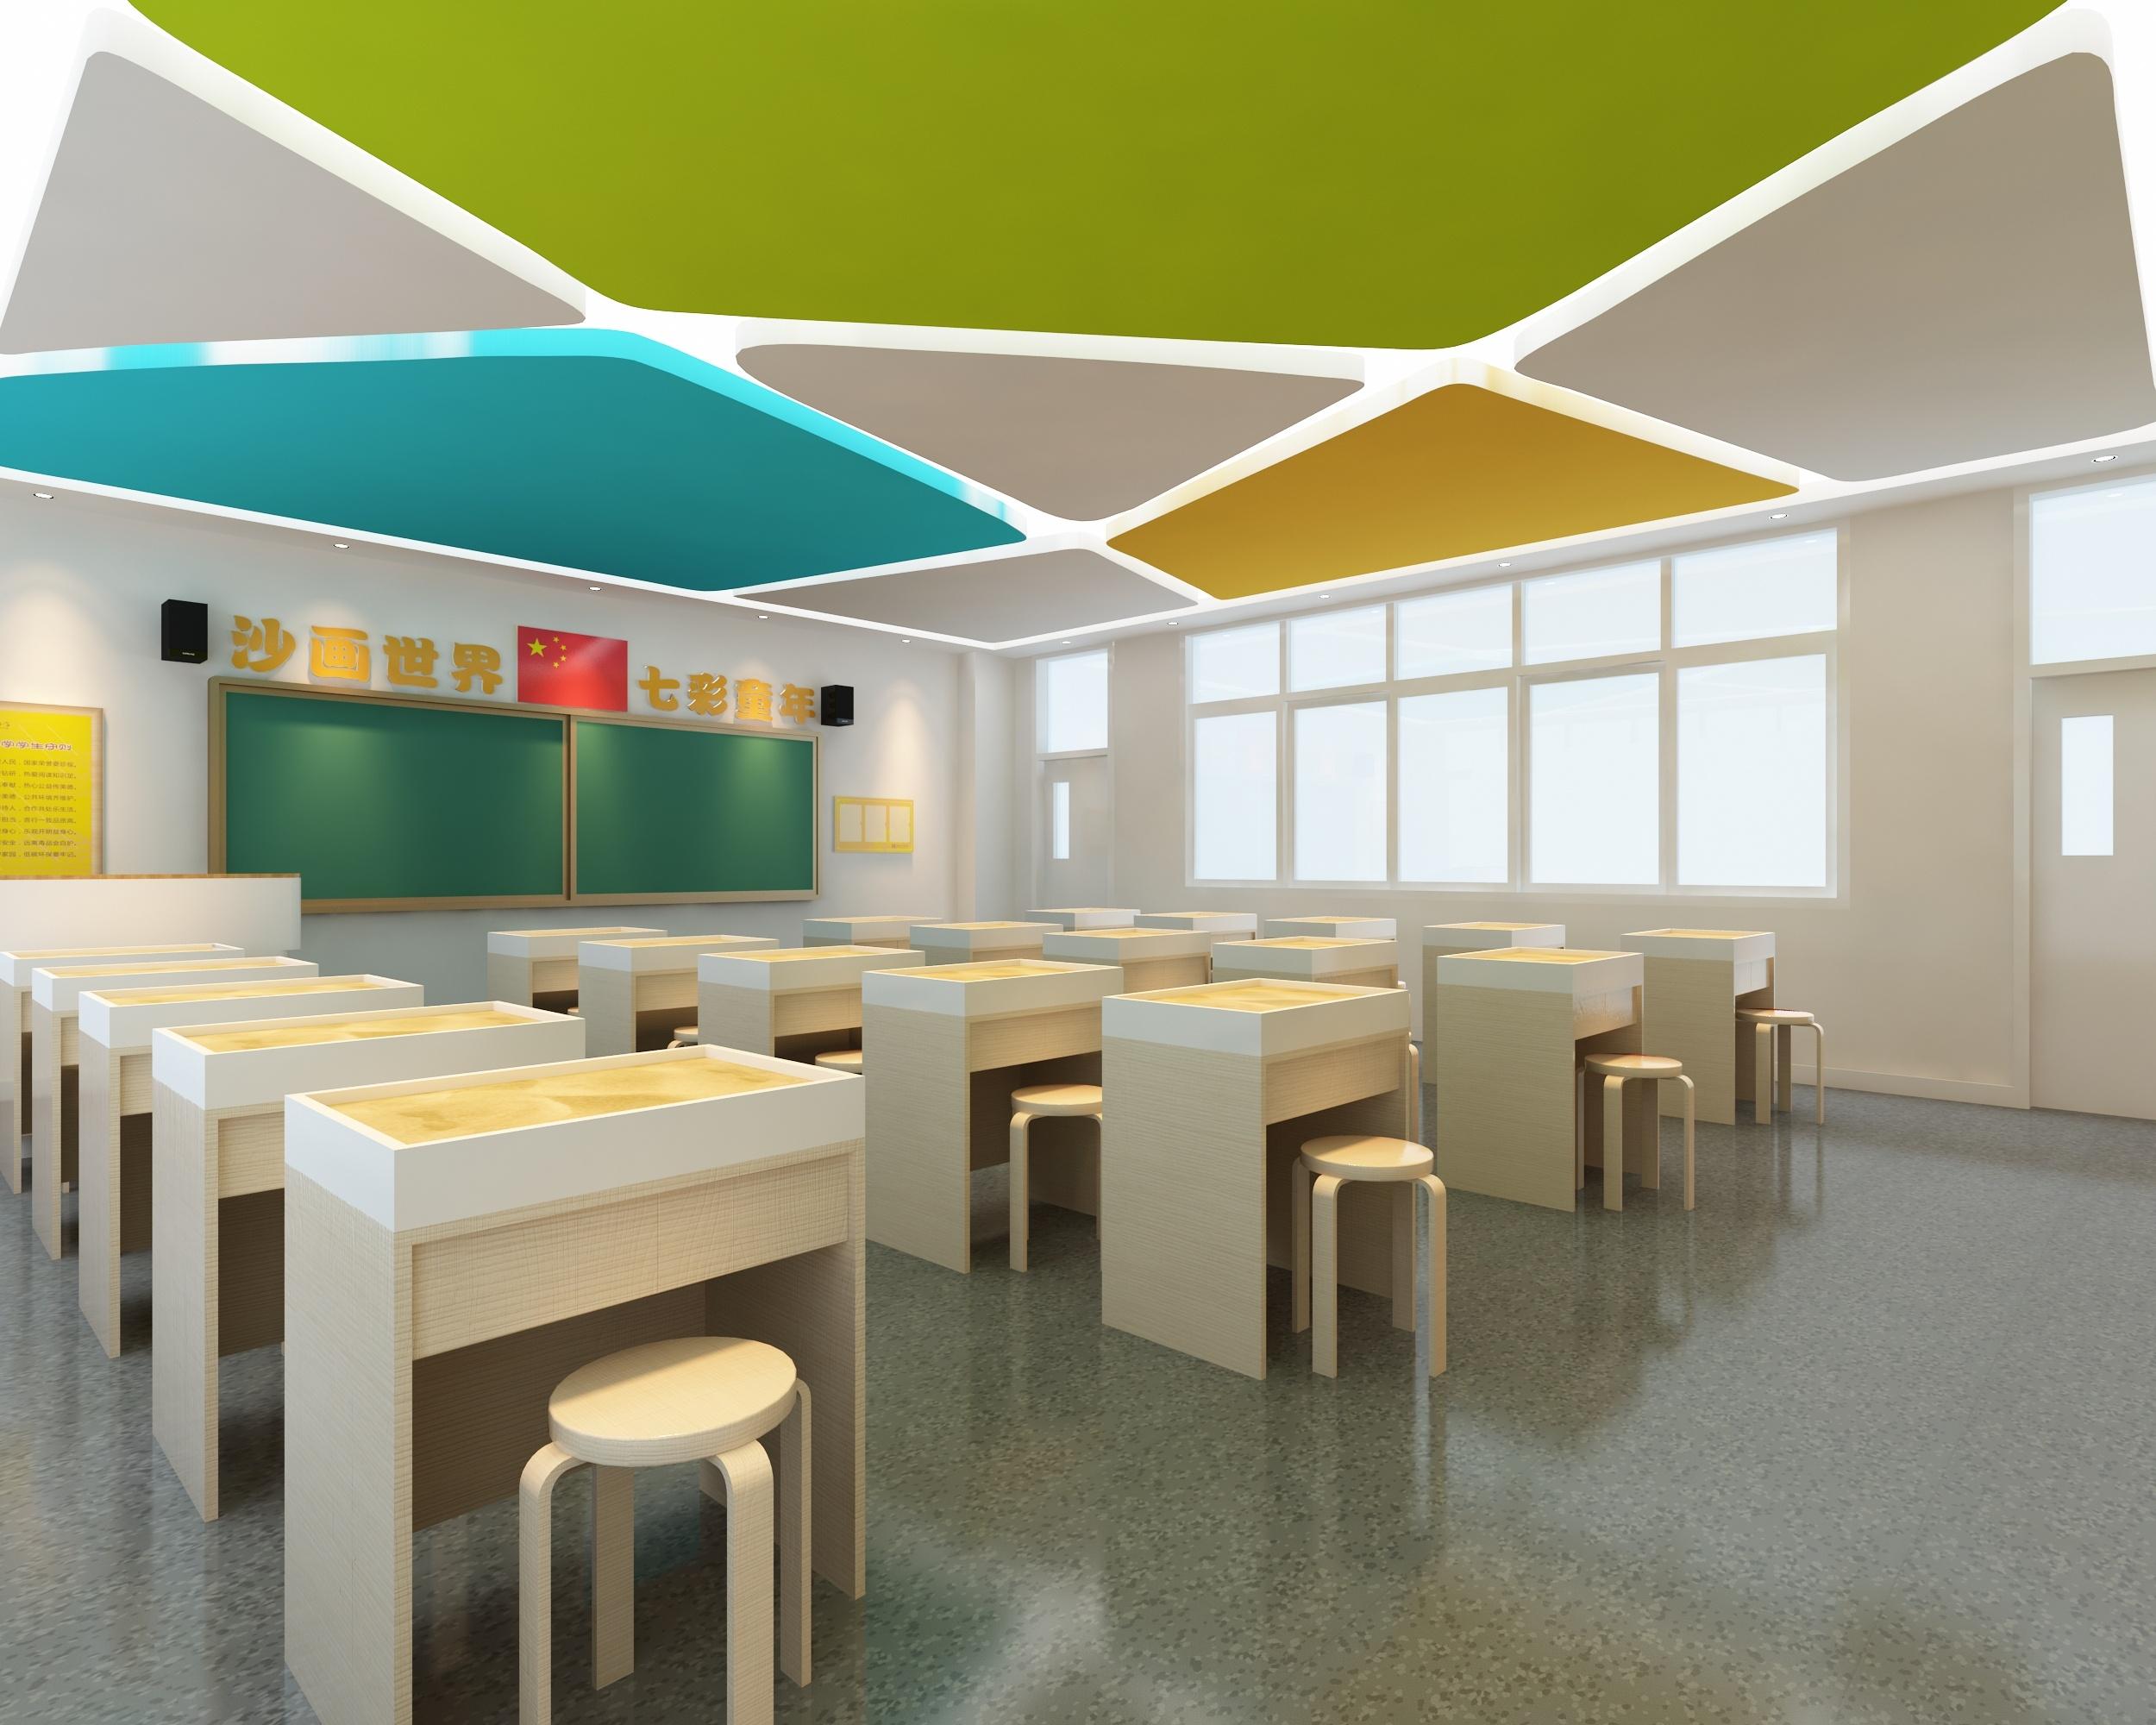 沙画教室 创客教室|空间|室内设计|处女座的马 - 原创